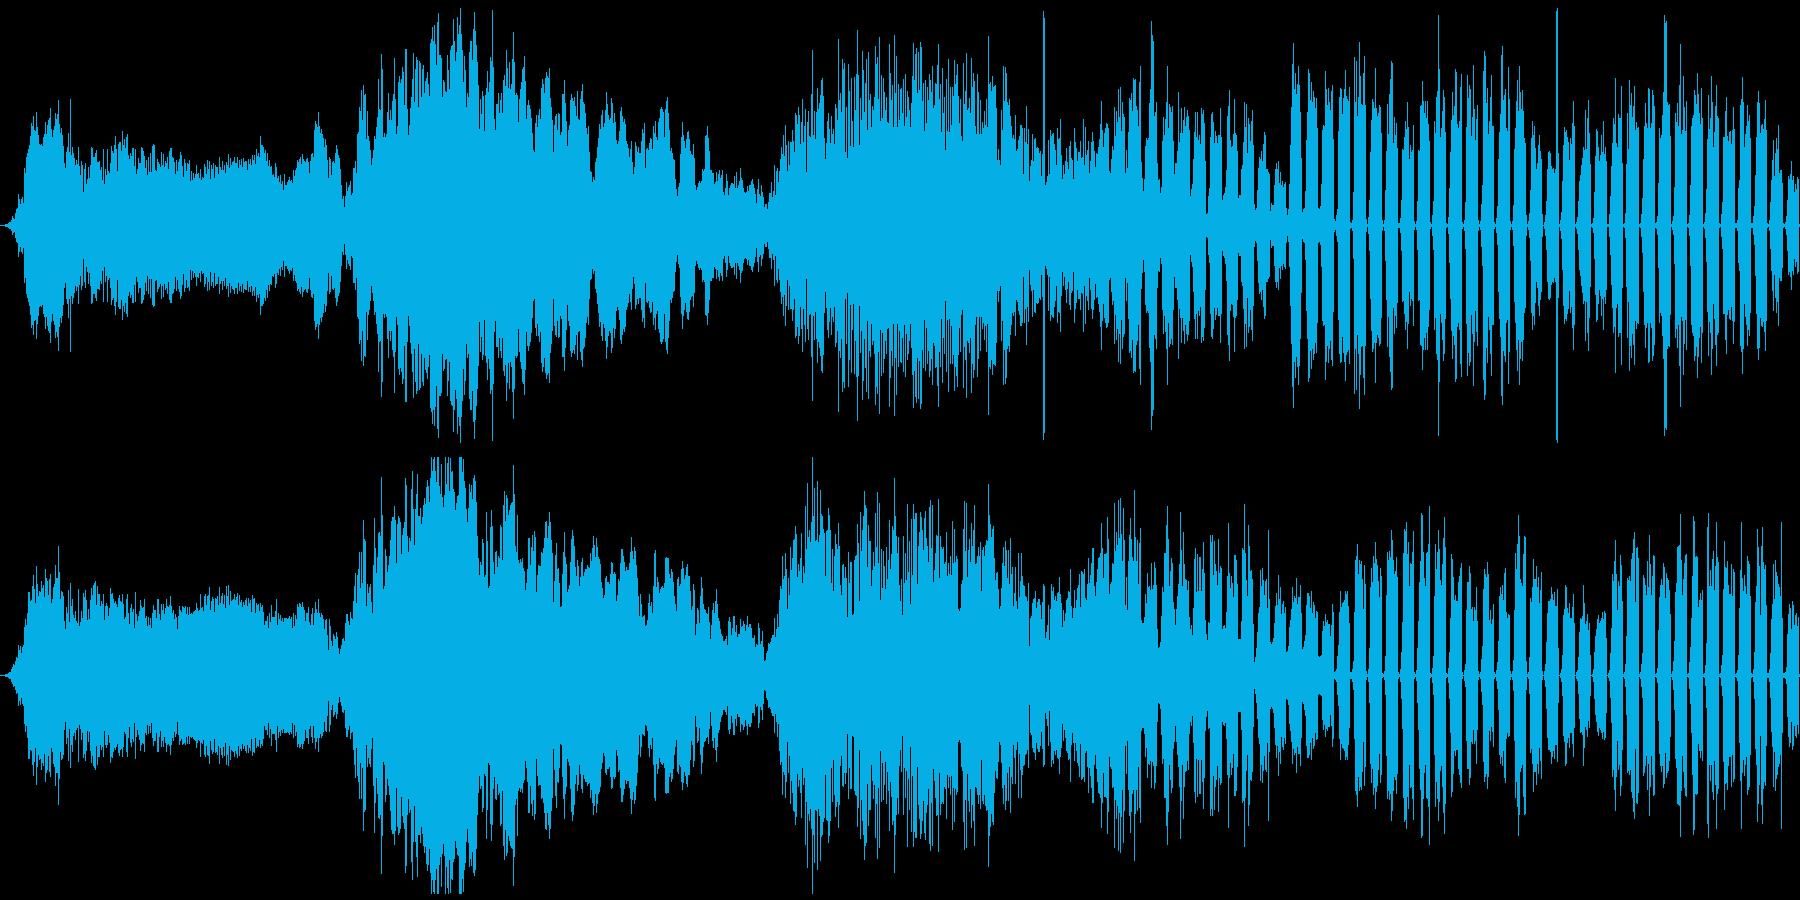 【ホラー/ファンタジー/ゲーム】の再生済みの波形